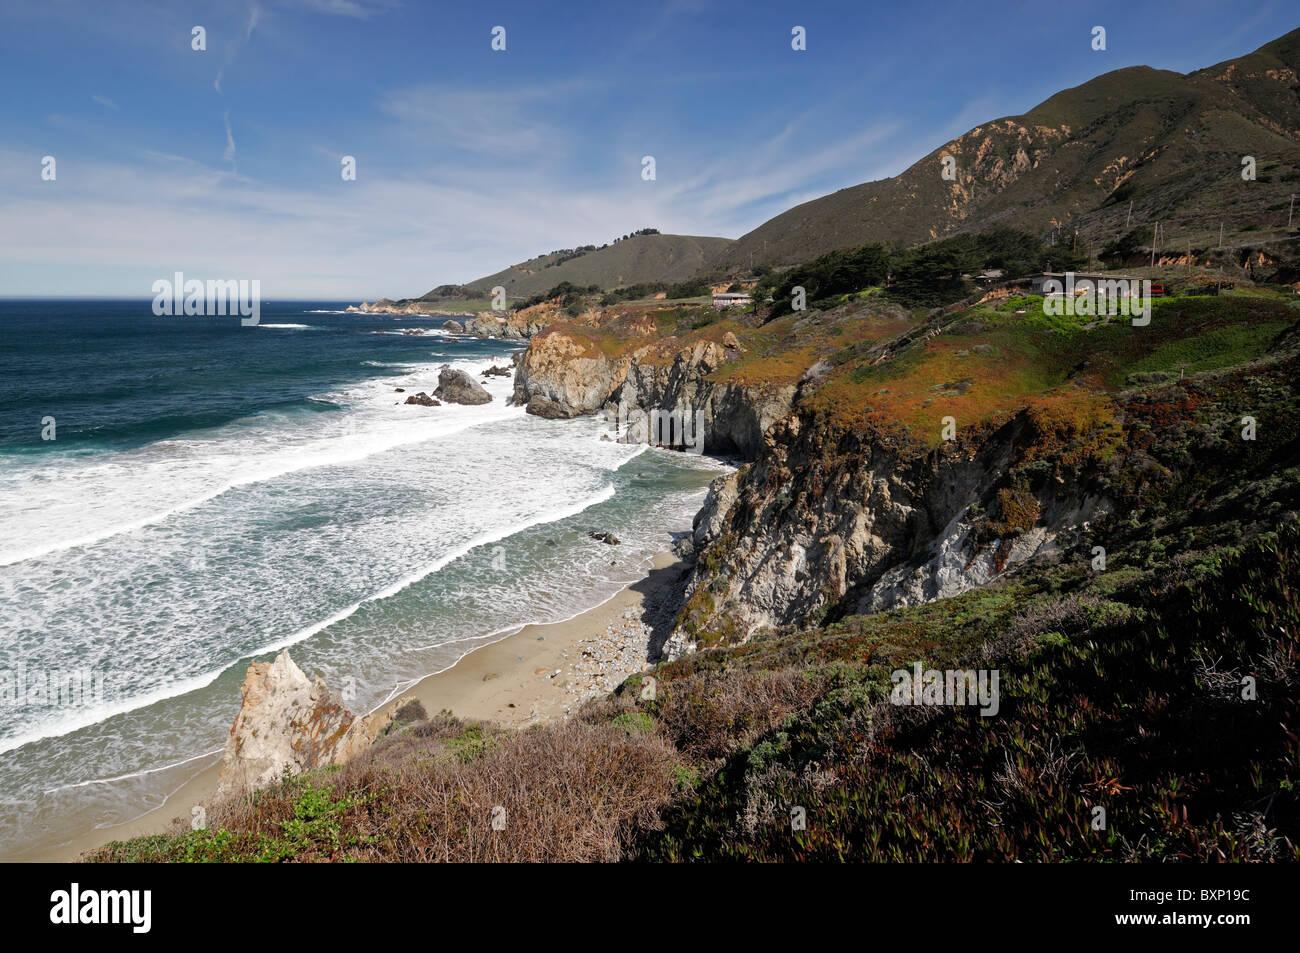 Blauer Himmel Big Sur Küste Küstenlandschaft Pacific Ocean pacific Küstenstrasse 1 California März Stockbild